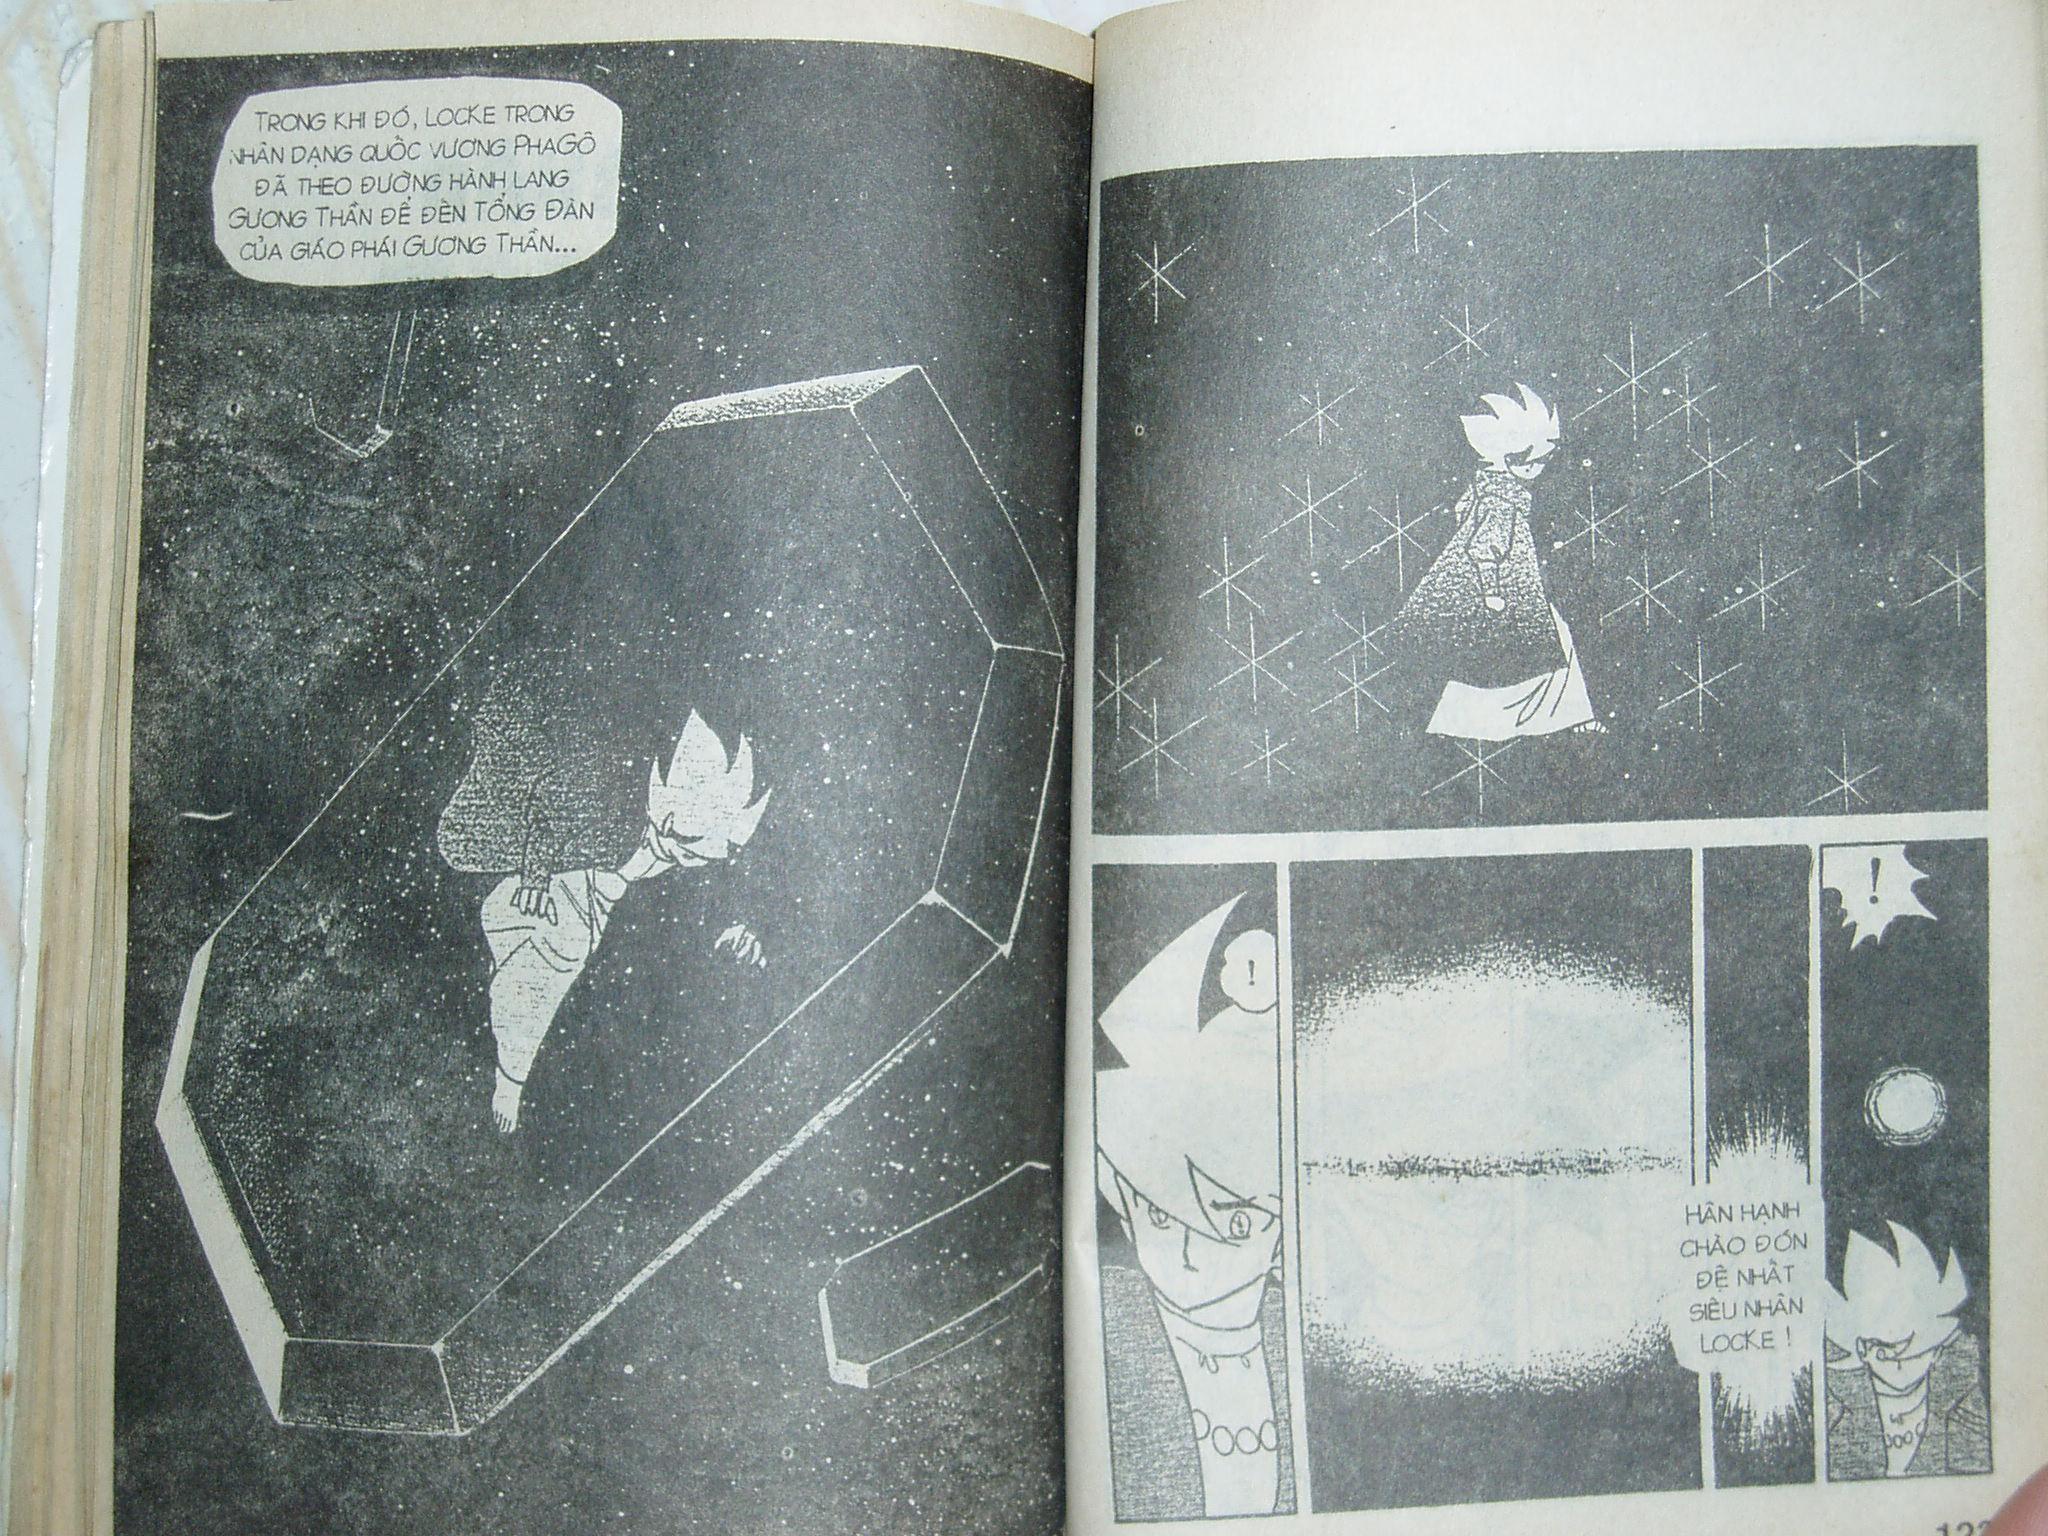 Siêu nhân Locke vol 17 trang 59